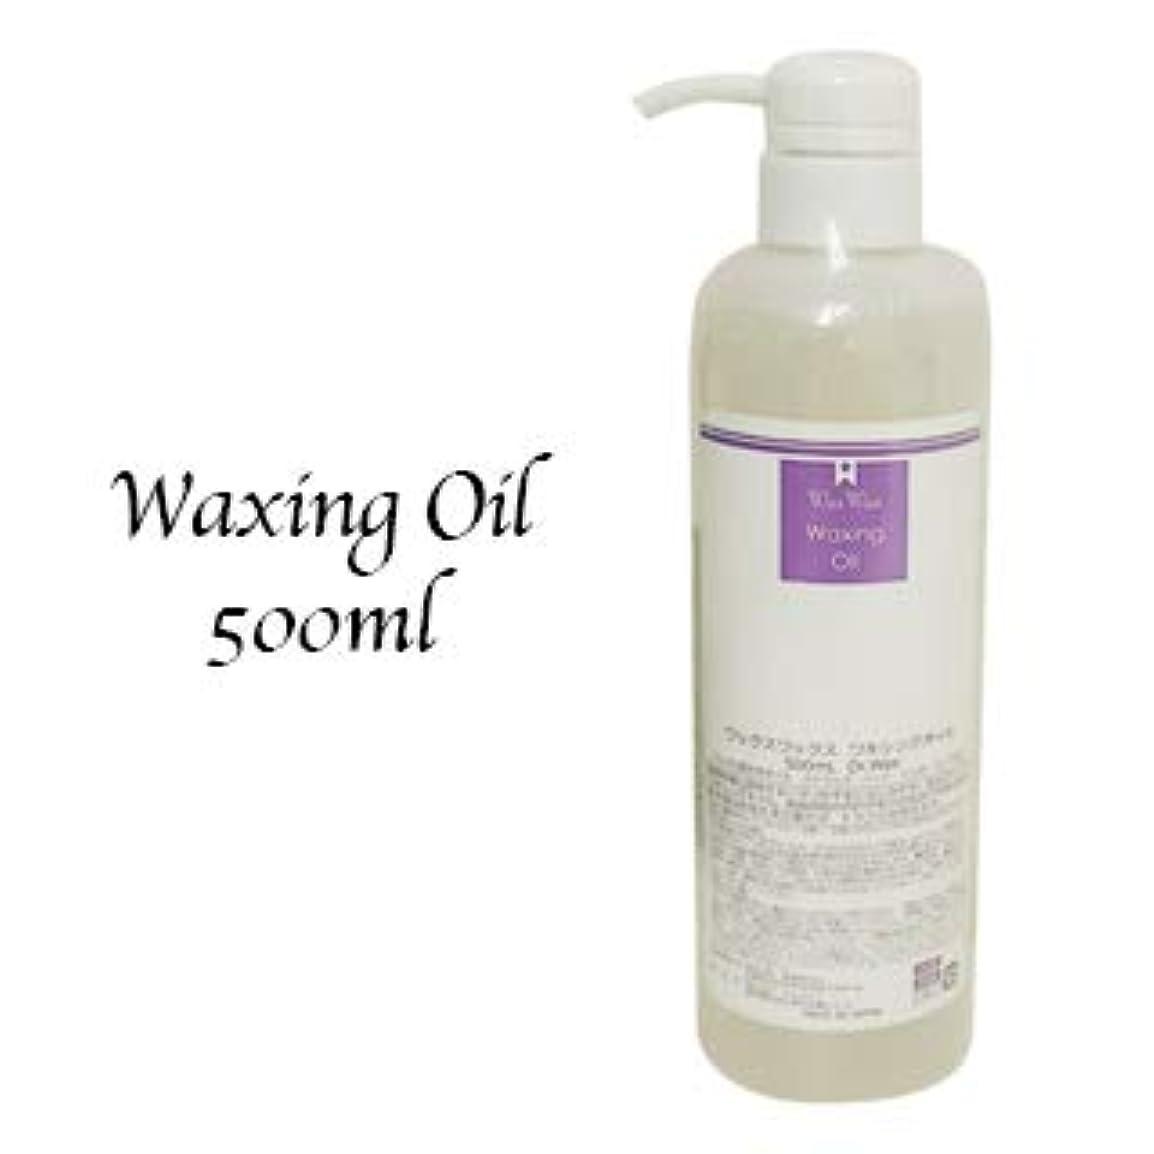 ディスコ資格頻繁にWaxWax ワキシングオイル500ml Dr.Wax